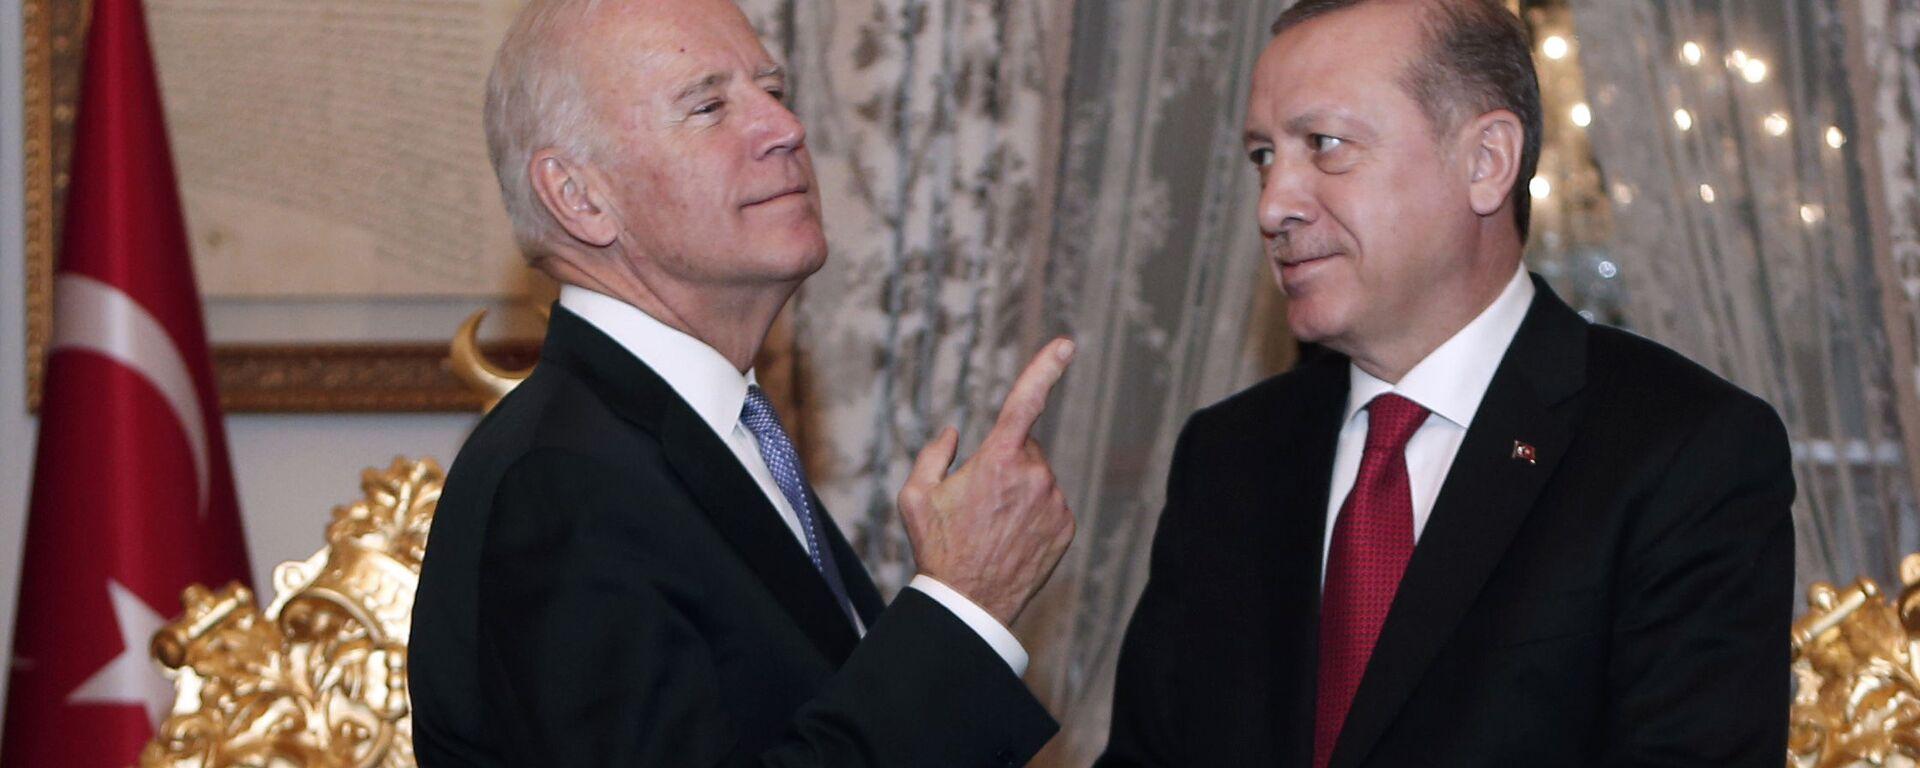 Joe Biden a Recep Tayyip Erdogan - Sputnik Česká republika, 1920, 21.06.2021